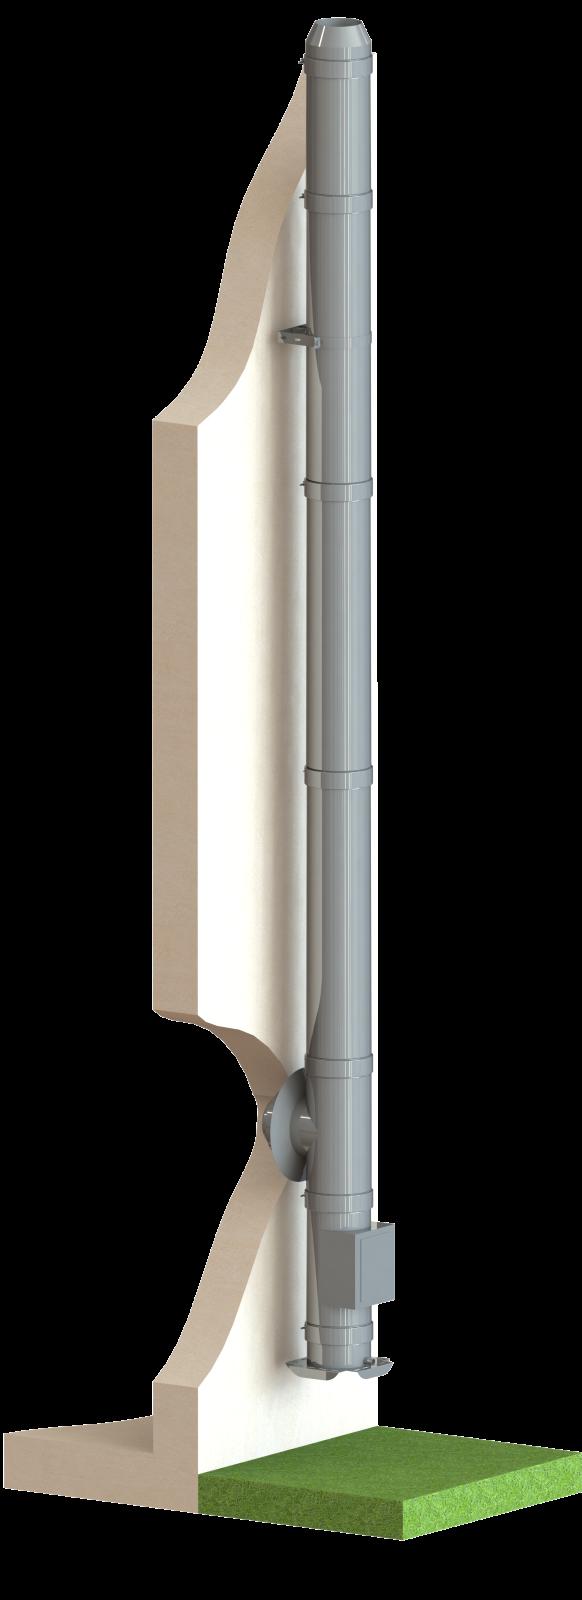 edelstahlschornstein bausatz 9 5m 150 mm dw5 rauchfang fachhandel. Black Bedroom Furniture Sets. Home Design Ideas